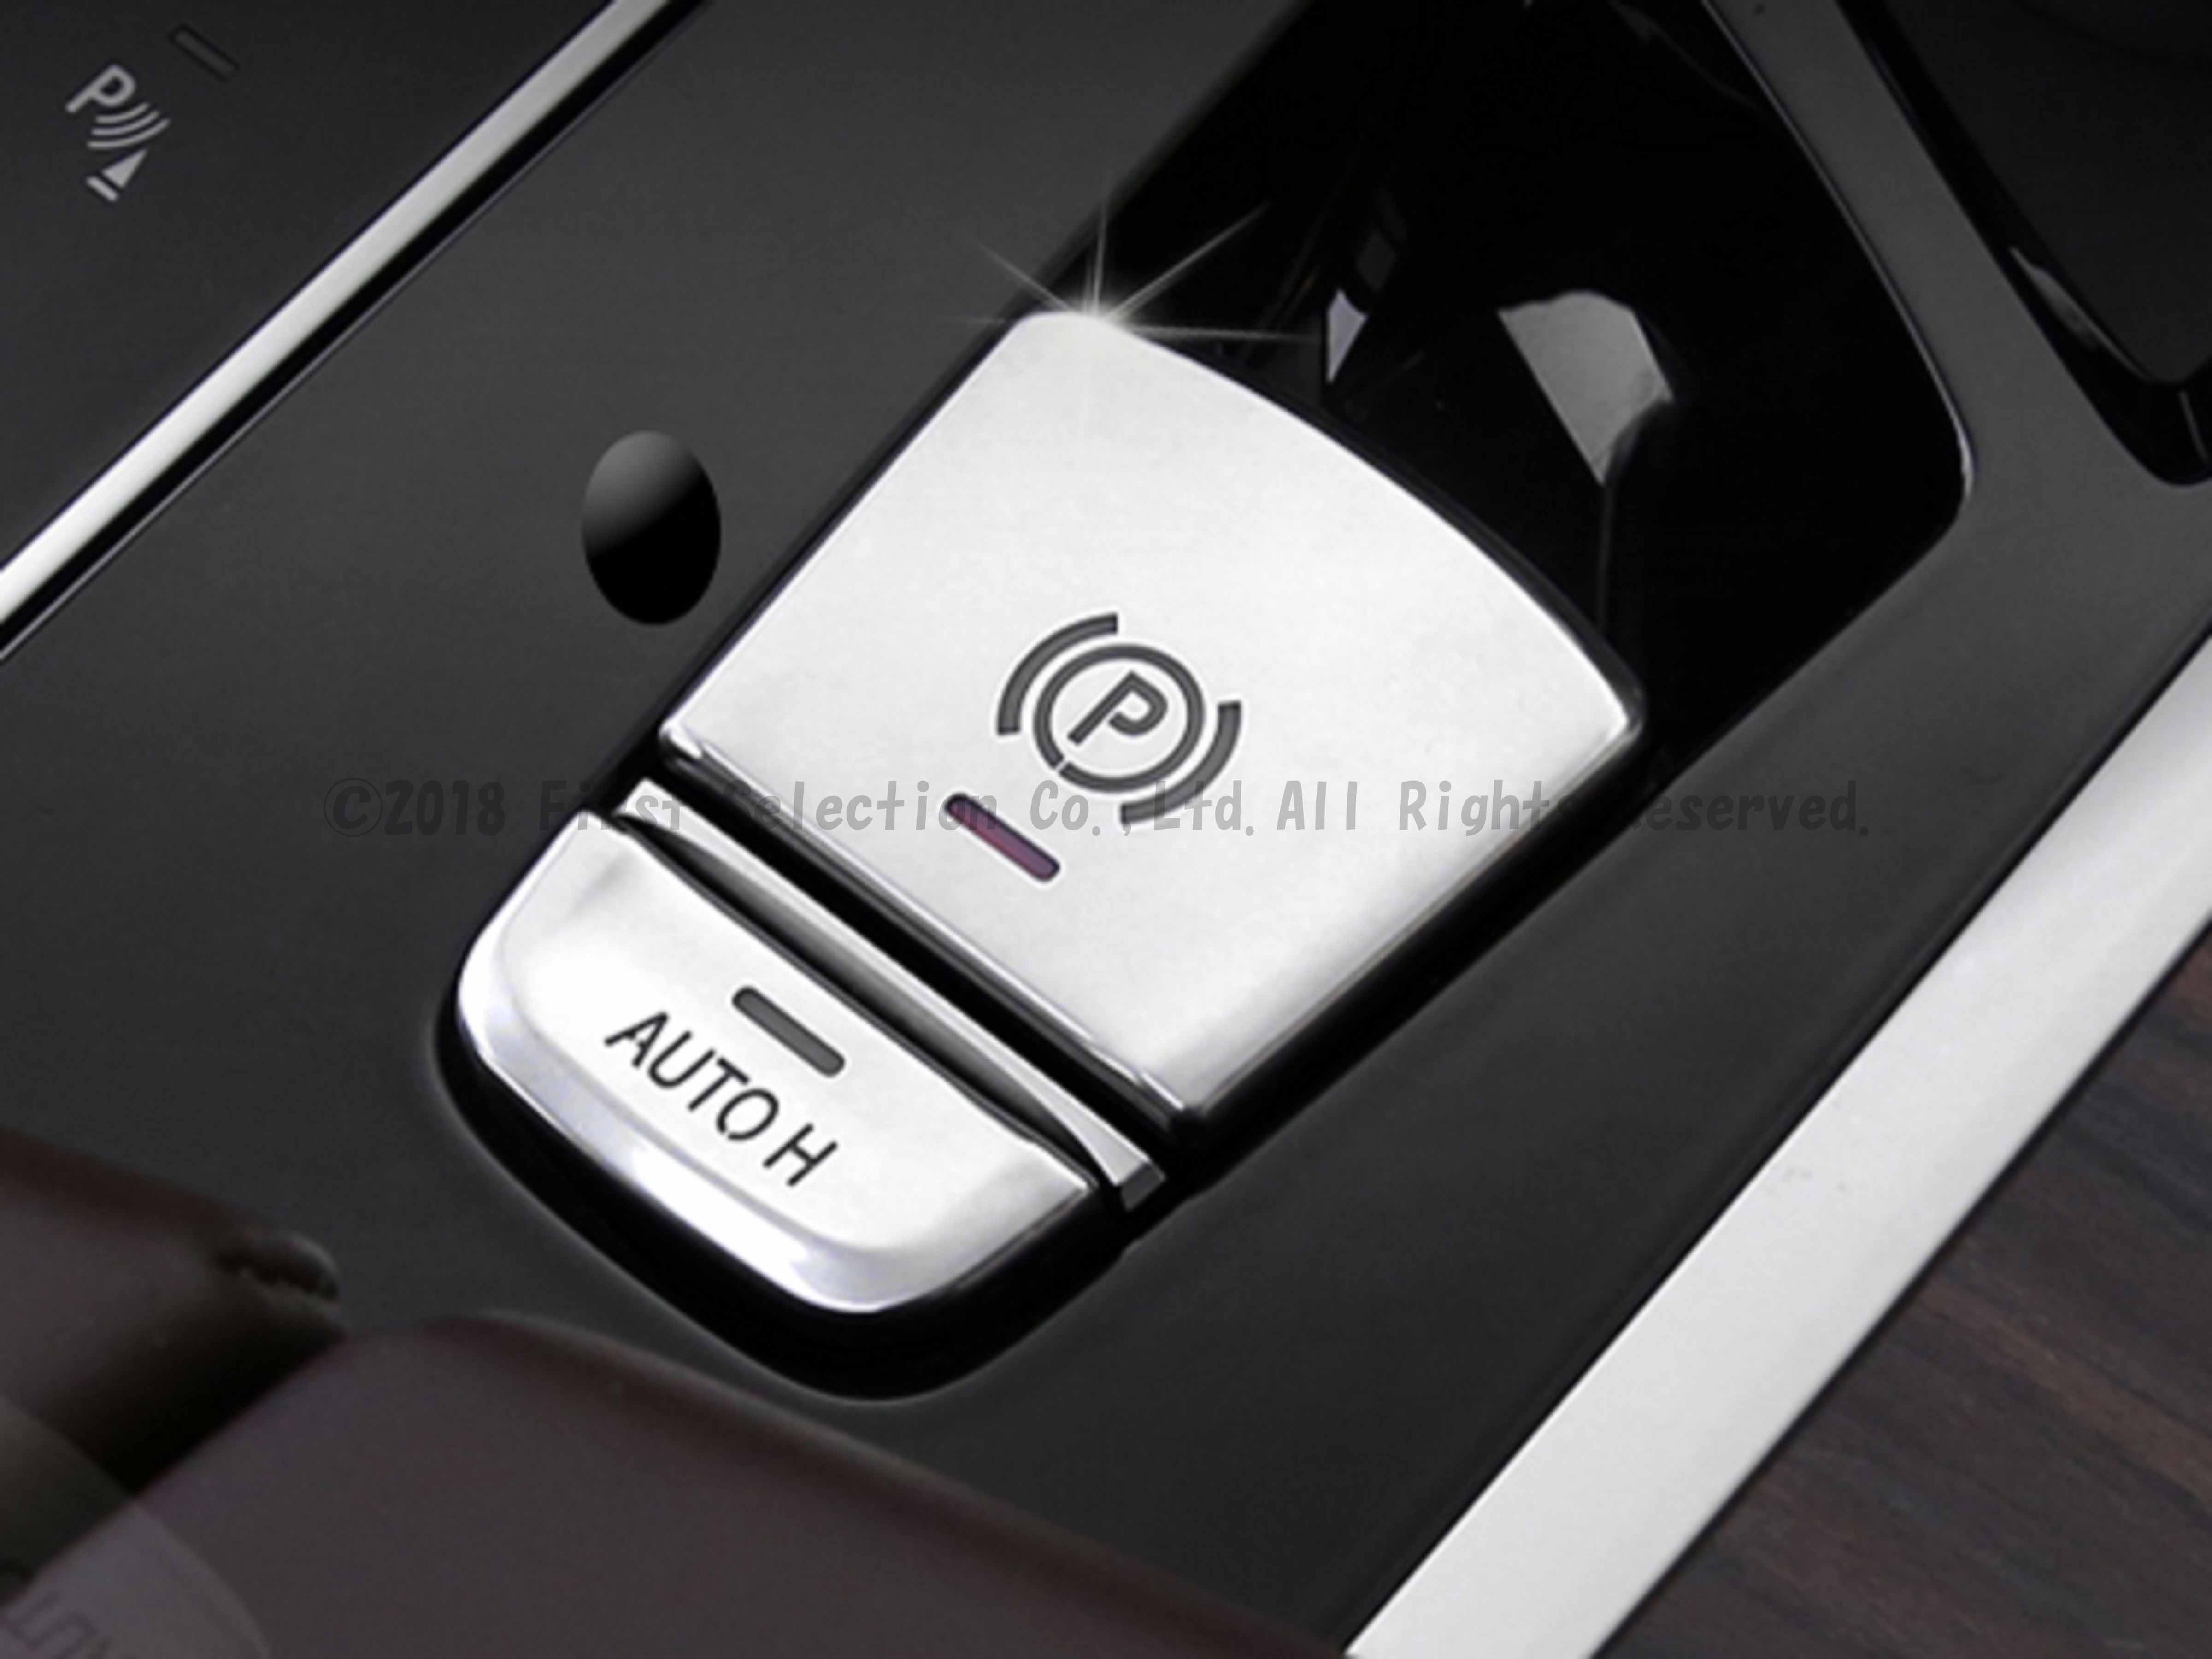 BMW車 G系5シリーズ用 パーキングスイッチデコレーションフレーム透過式